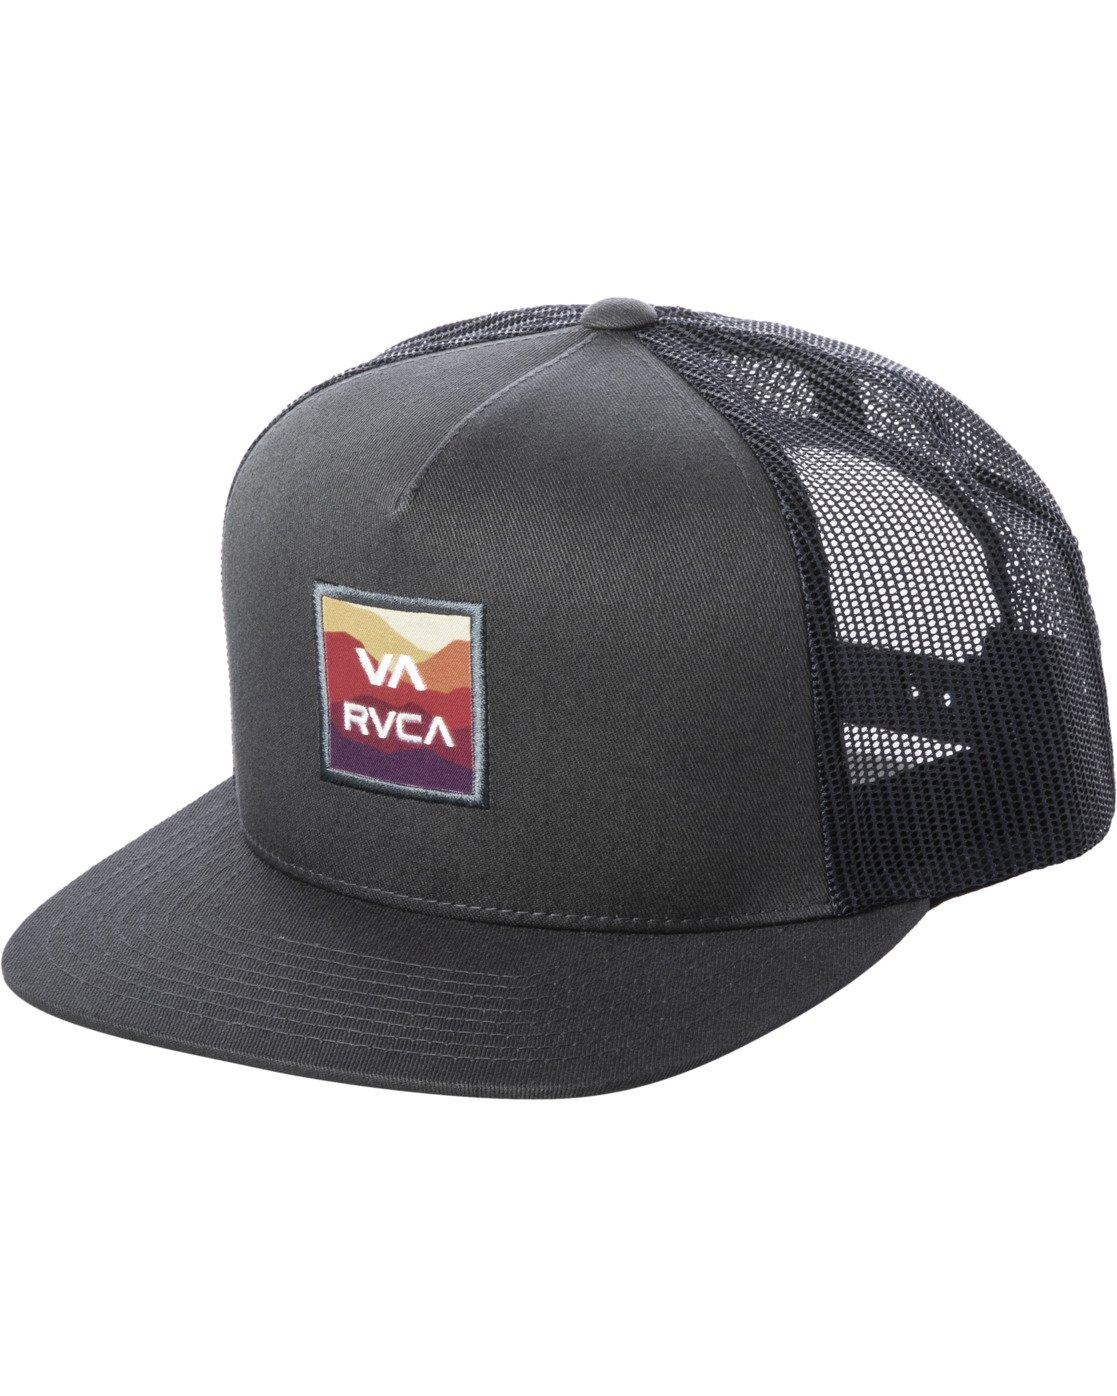 0 VA ATW PRINT TRUCKER HAT Grey MAHW3RVP RVCA